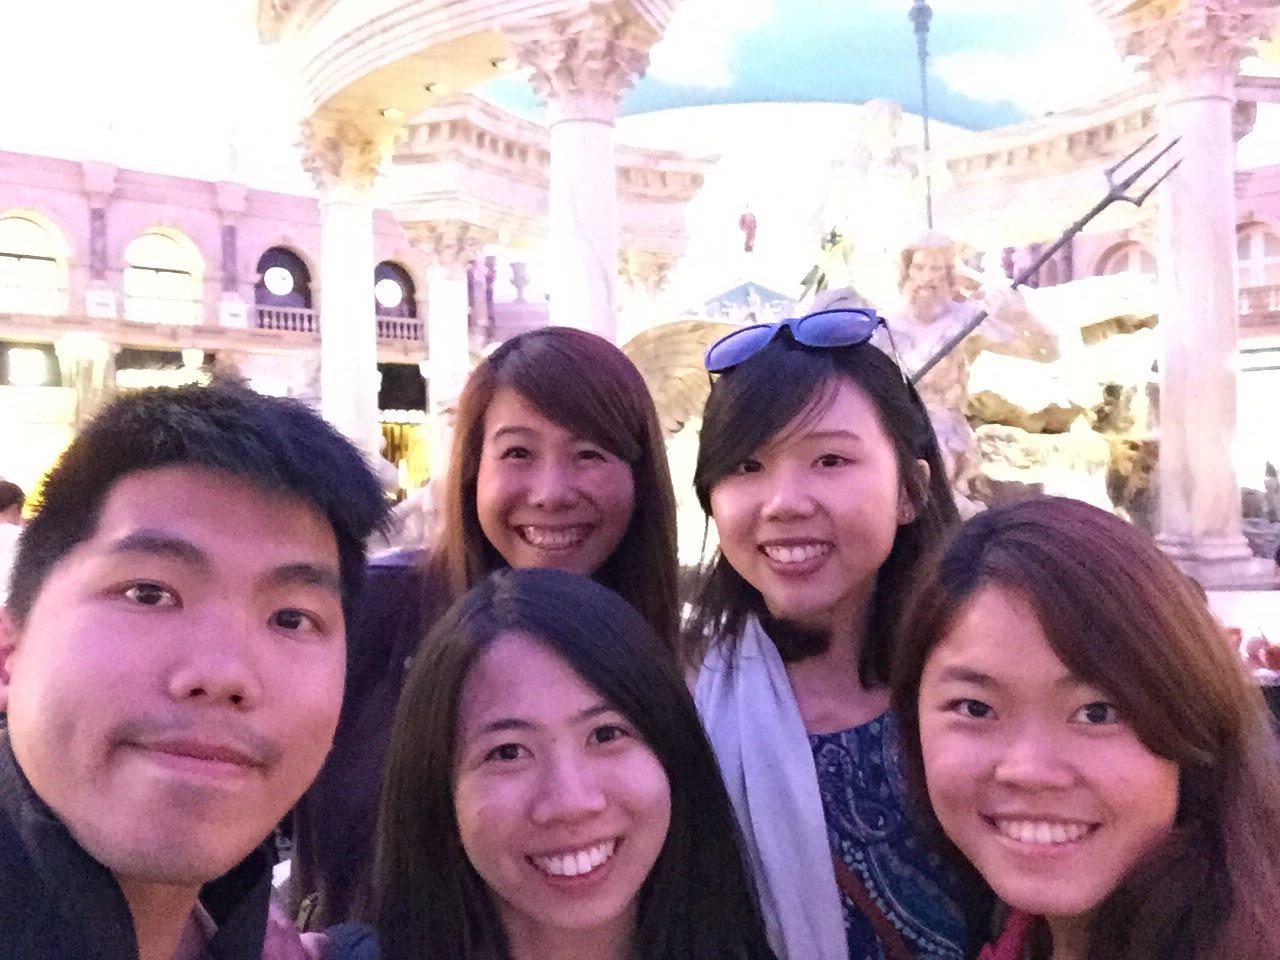 Las Vegas Caesars' Palace